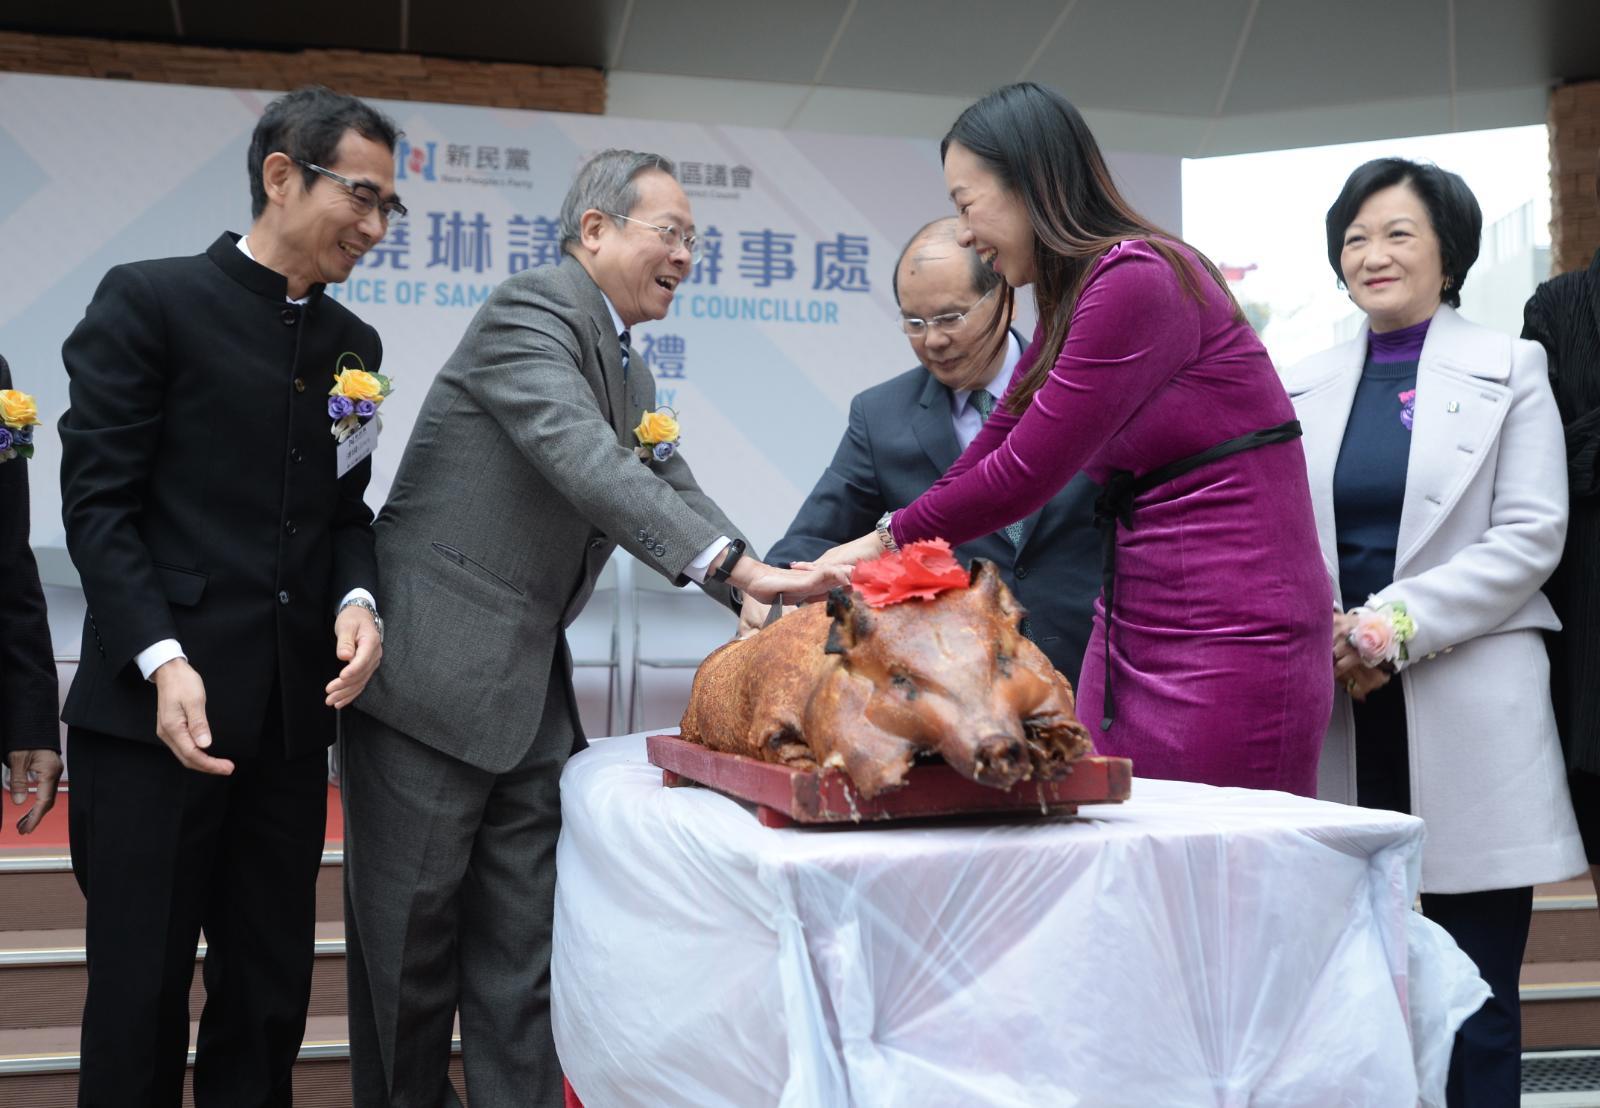 黎棟國出席傅曉琳離島區議員辦事處開幕禮